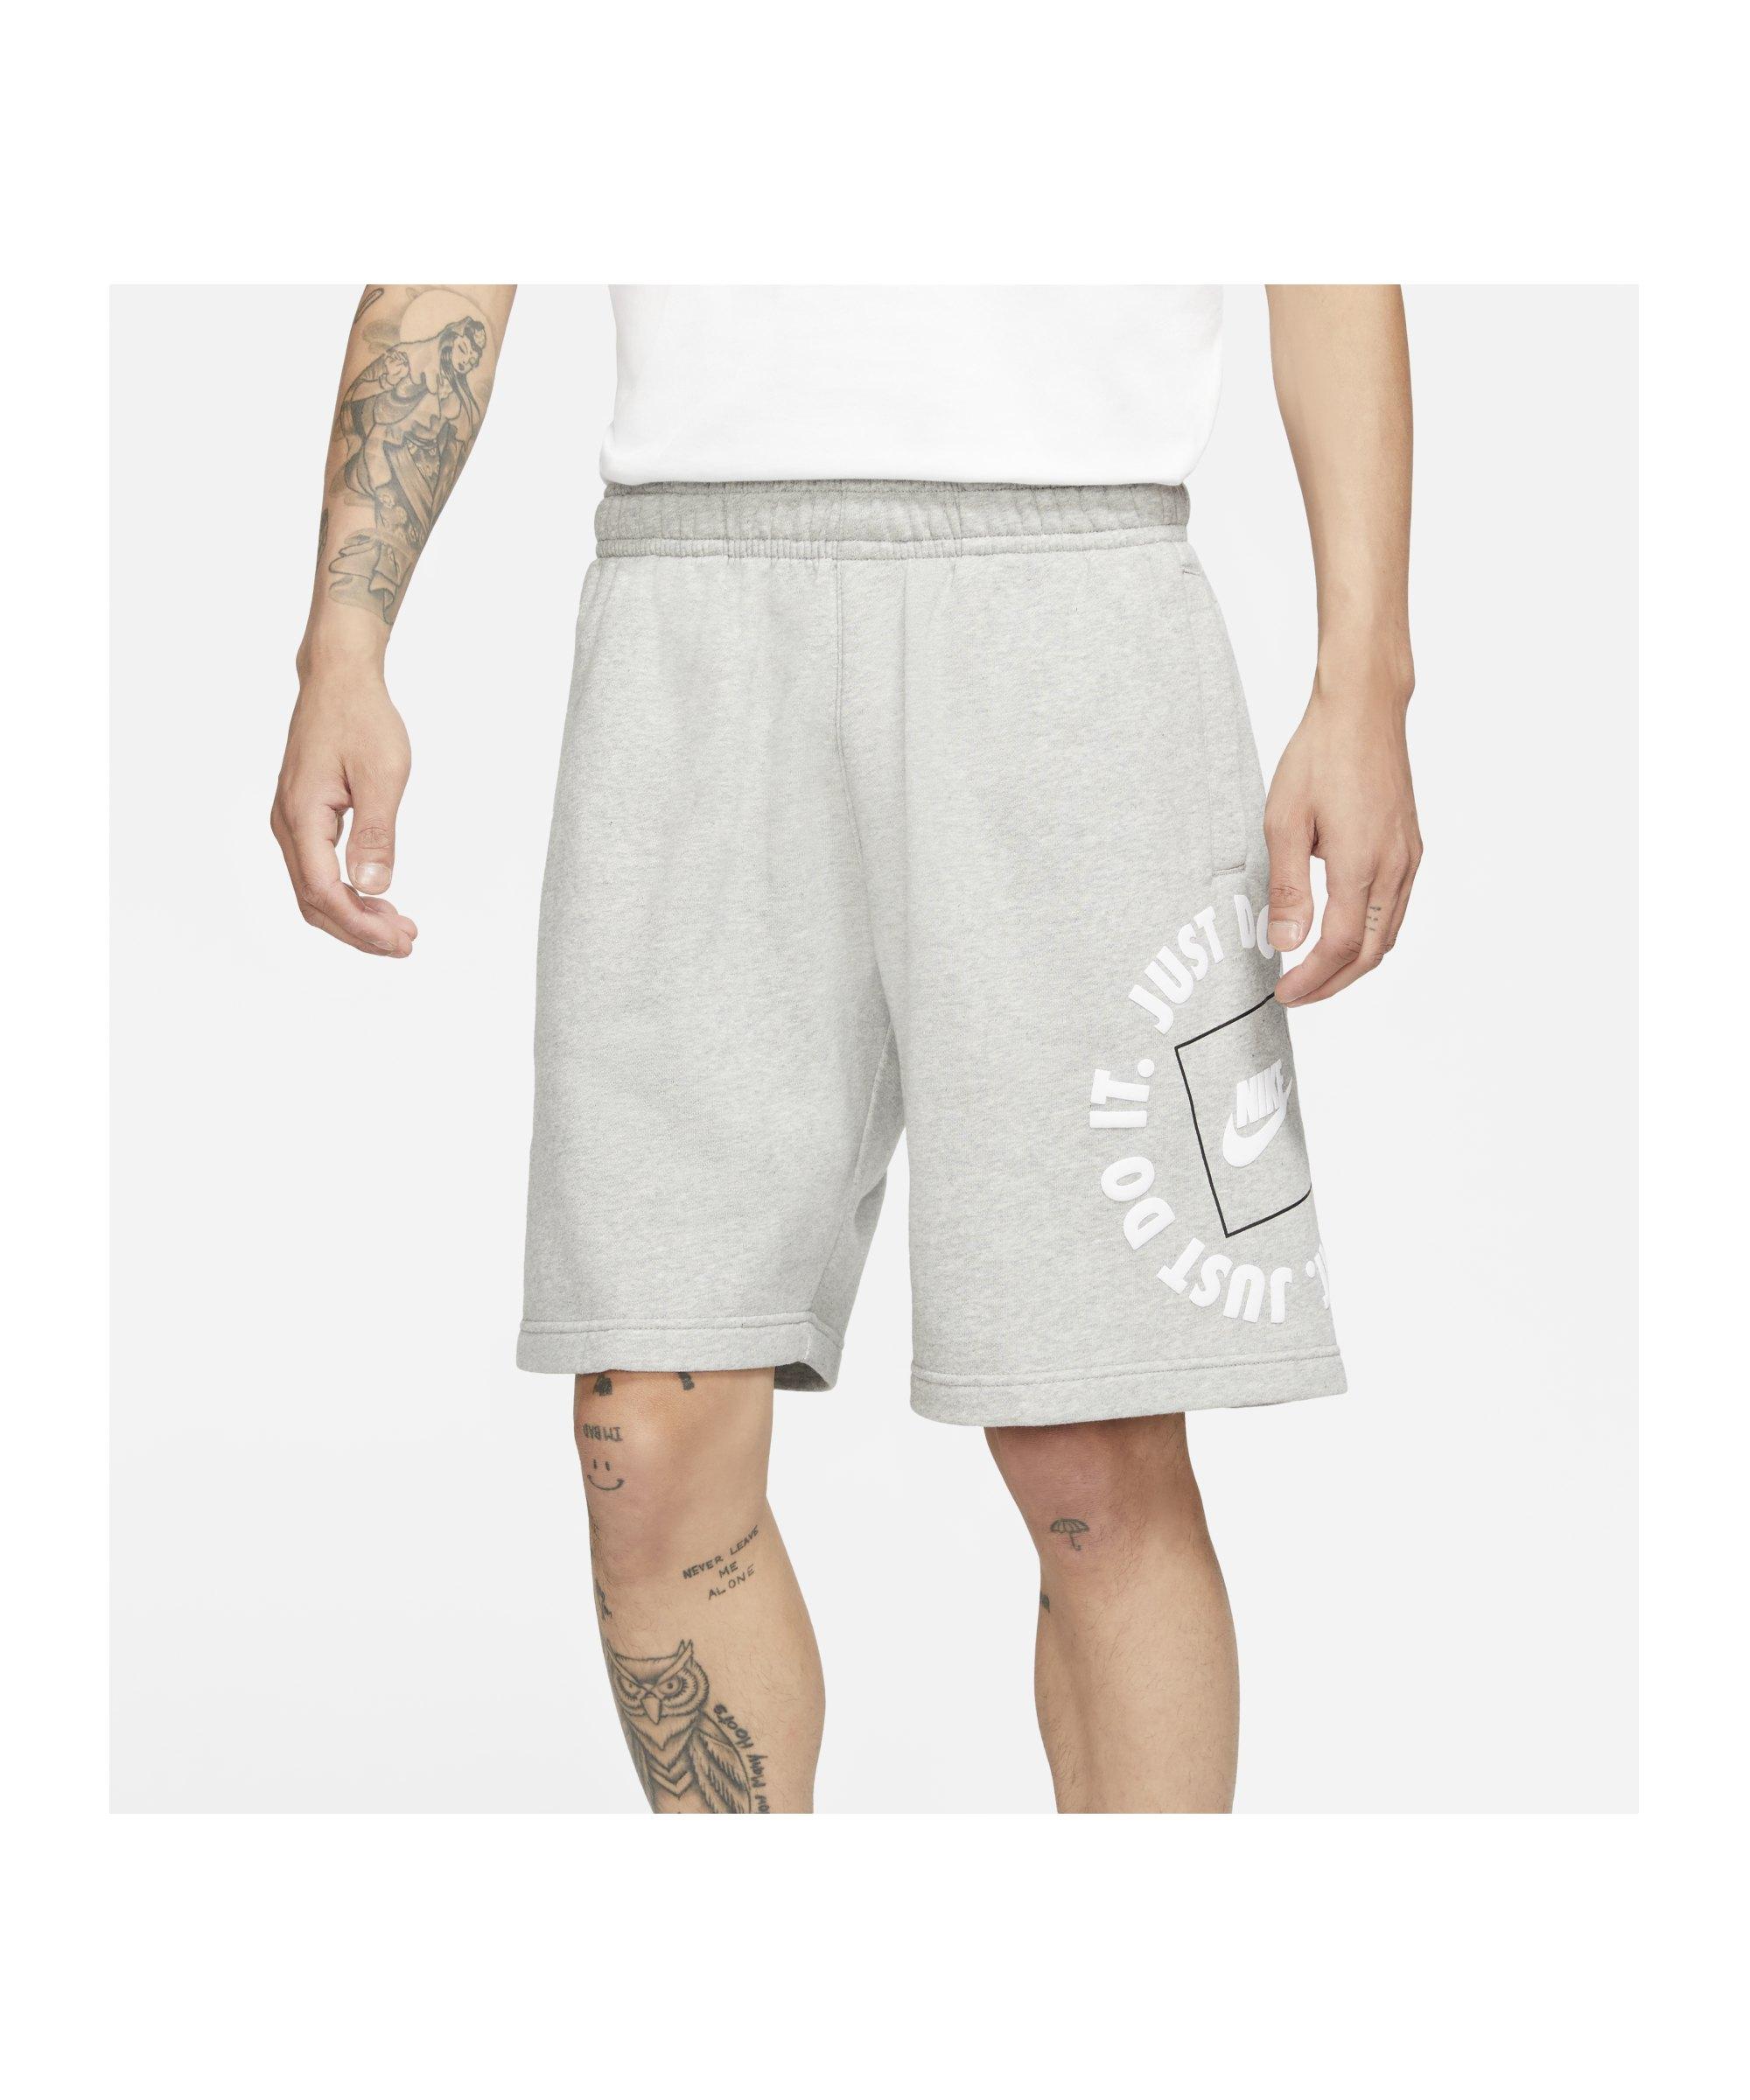 Nike Just Do It Fleece Short Grau F063 - grau